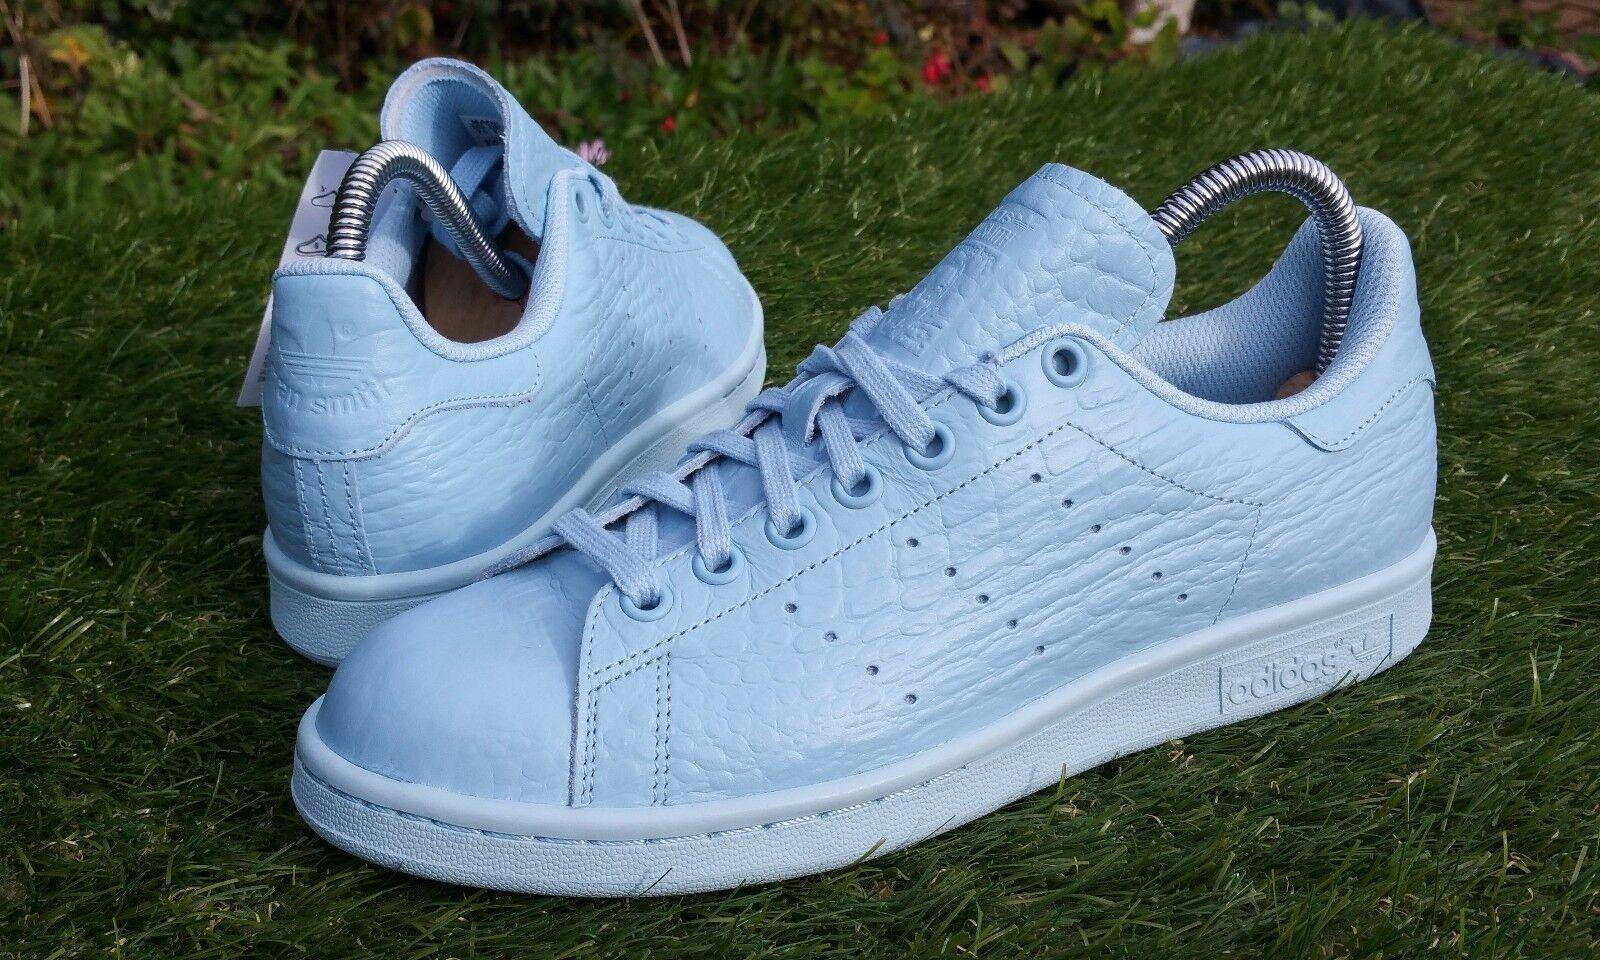 BNWB, Rare & Orig Adidas Originals Stan Smith Croc Pack Sneaker